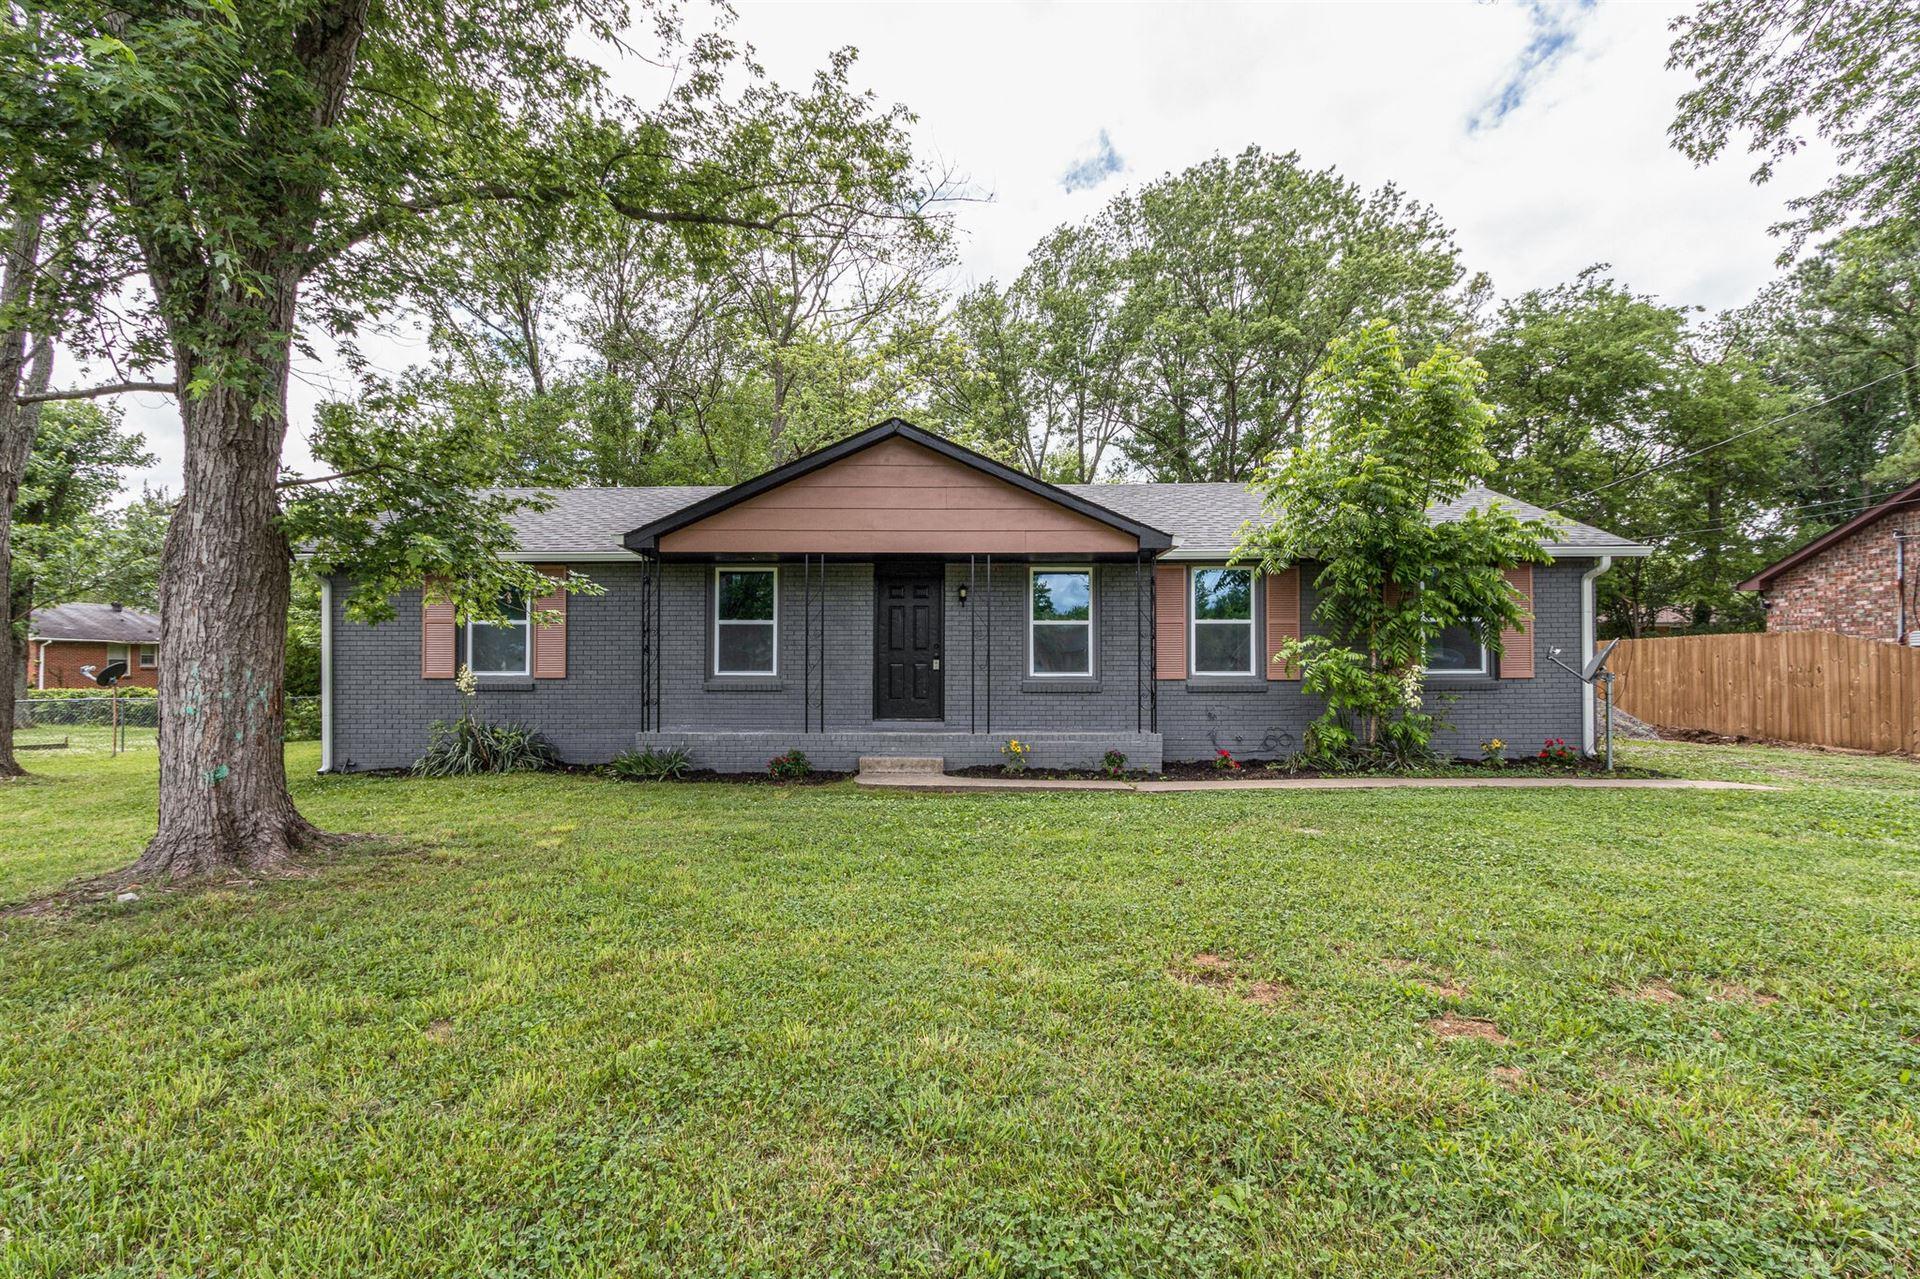 1214 Rutherford St, Murfreesboro, TN 37130 - MLS#: 2260142